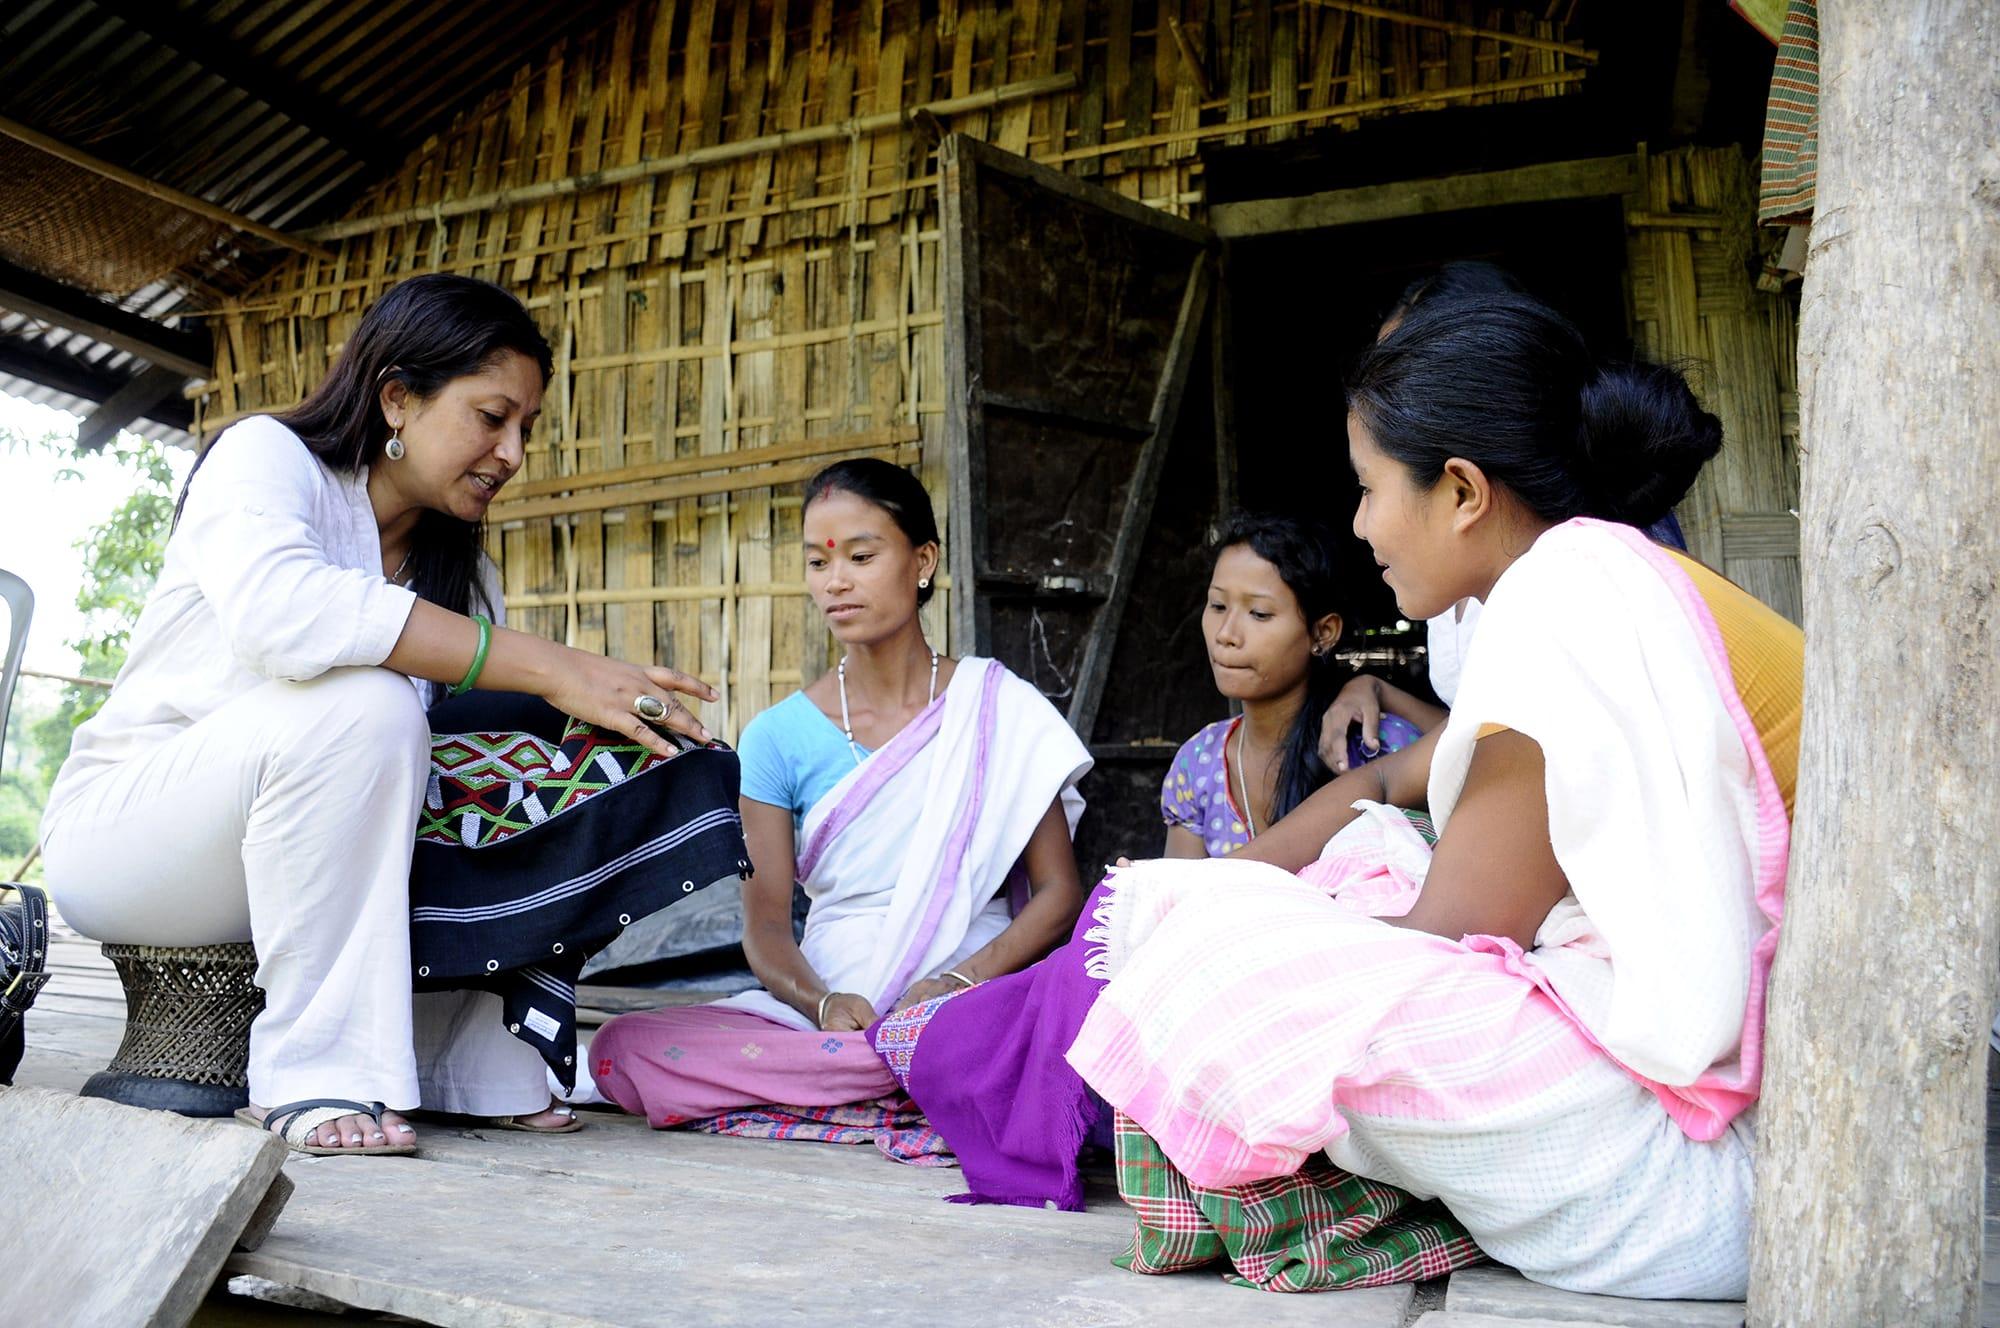 貧村の女性たちに、工芸品を作る指導をしているハシナ・カービ。貧困を軽減するための会社も起こし、約3万人の女性の雇用を生み出している。